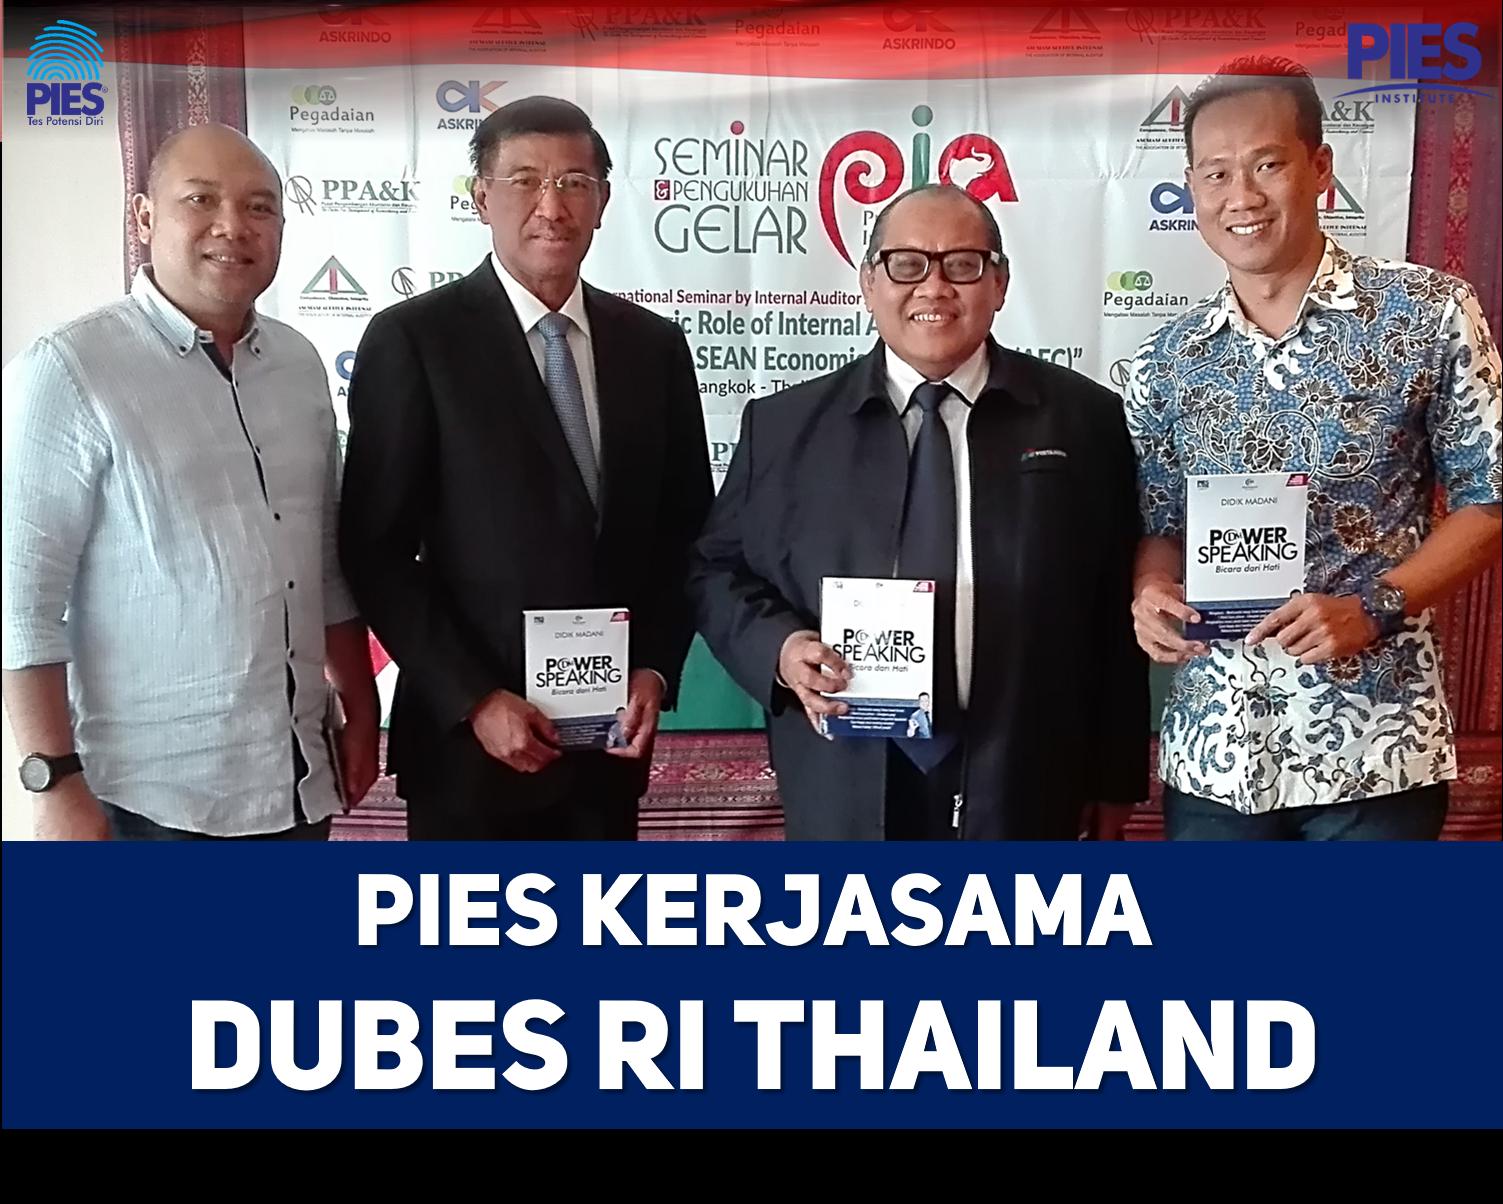 pies kerjasama dubes RI Thailand